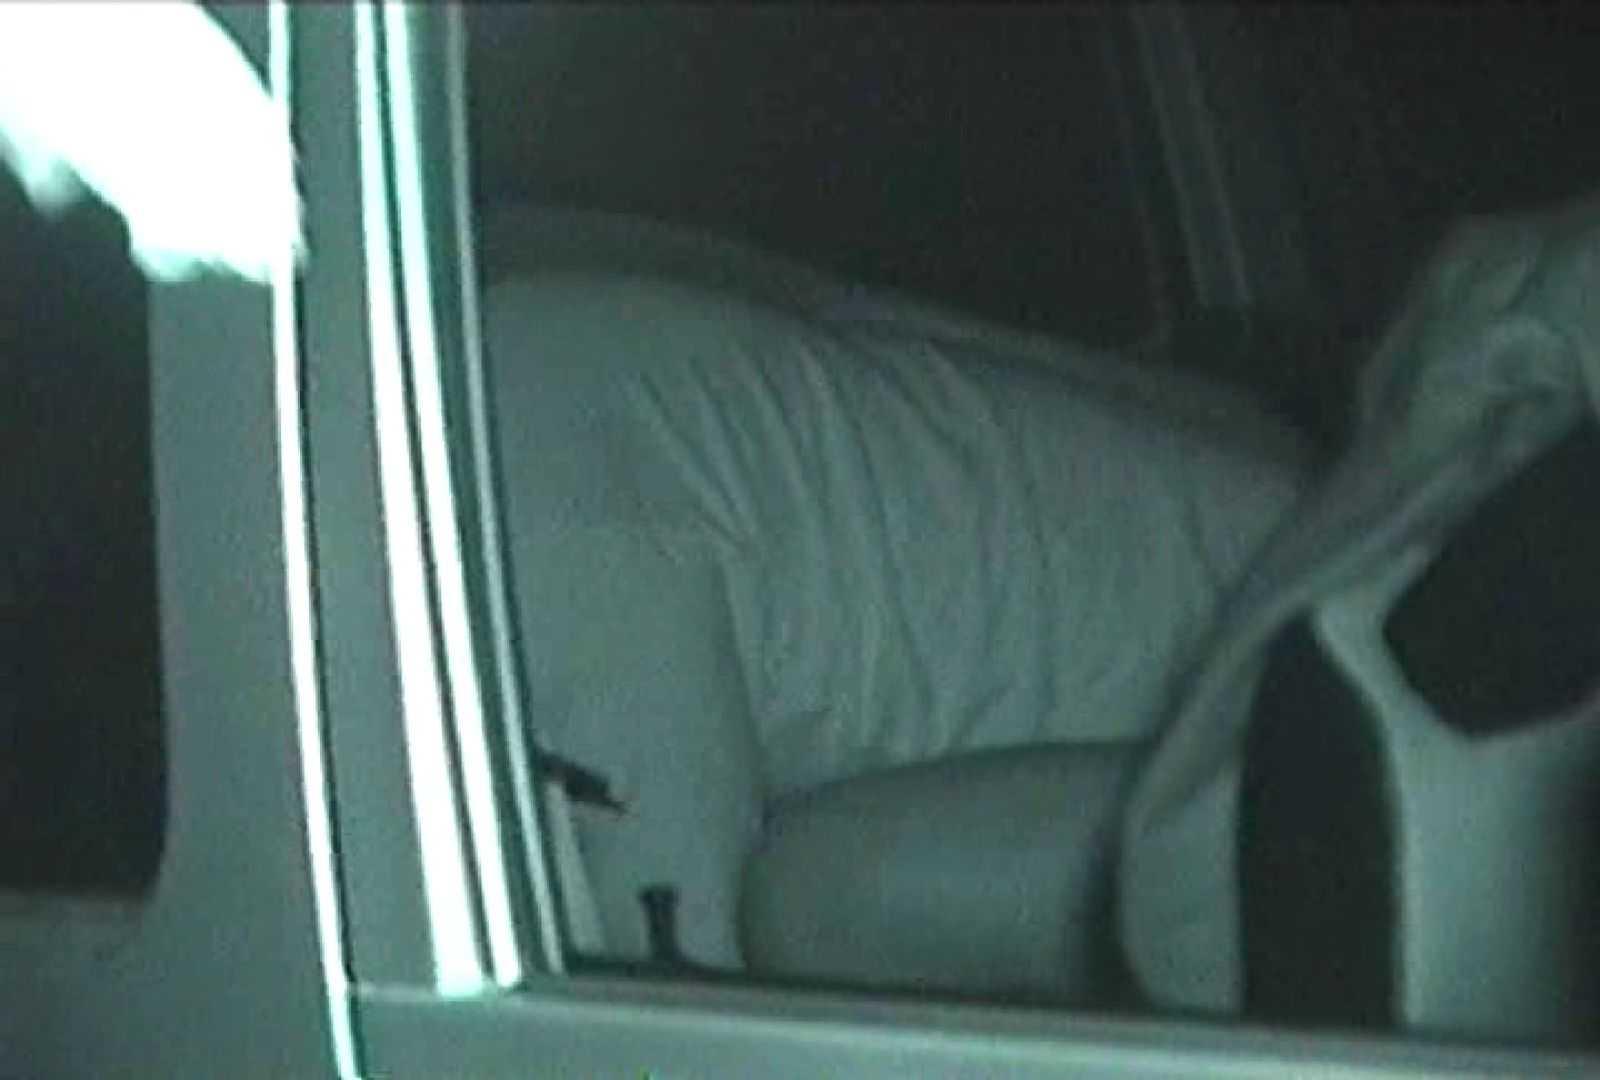 充血監督の深夜の運動会Vol.97 カップル ワレメ動画紹介 86画像 83